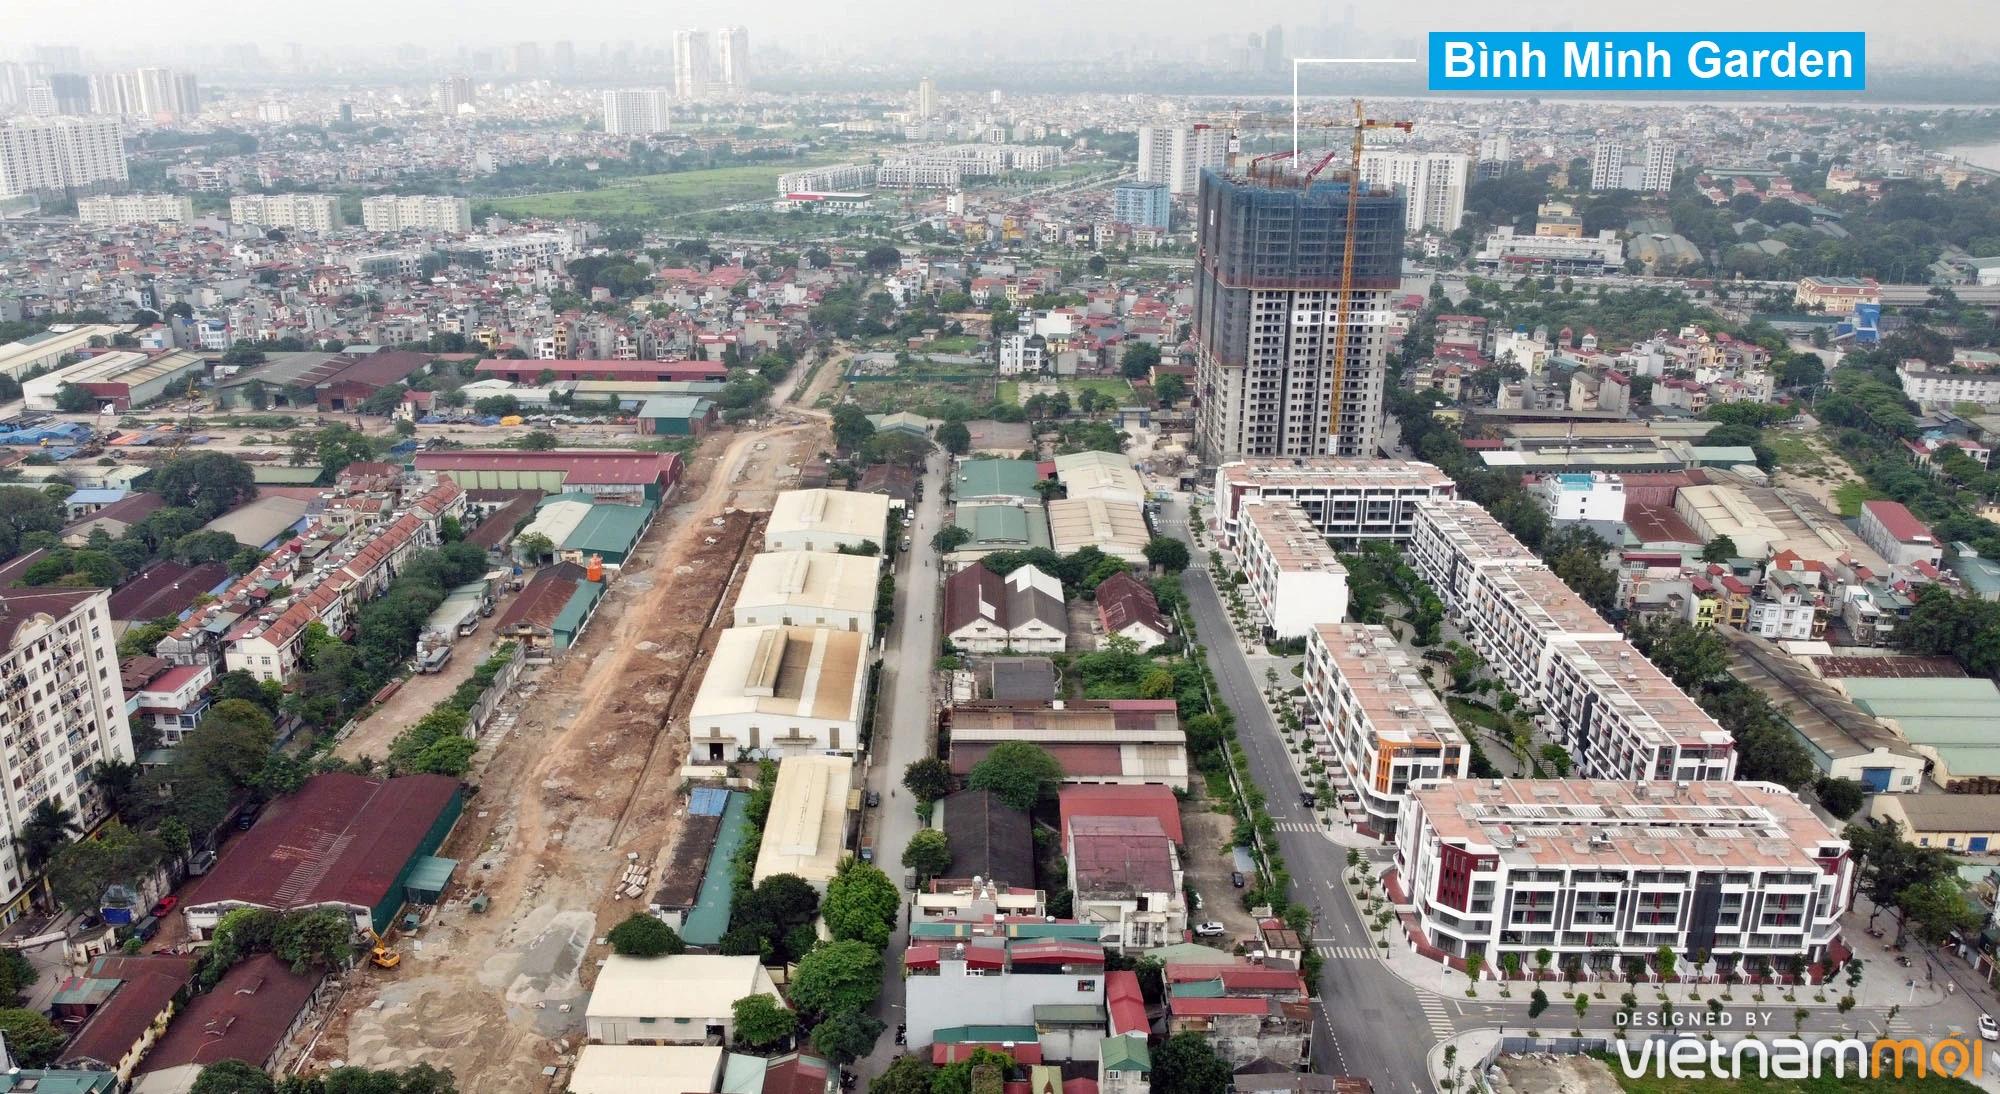 Toàn cảnh đường từ đê Ngọc Thụy đến KĐTM Thượng Thanh đang mở theo quy hoạch ở Hà Nội - Ảnh 15.